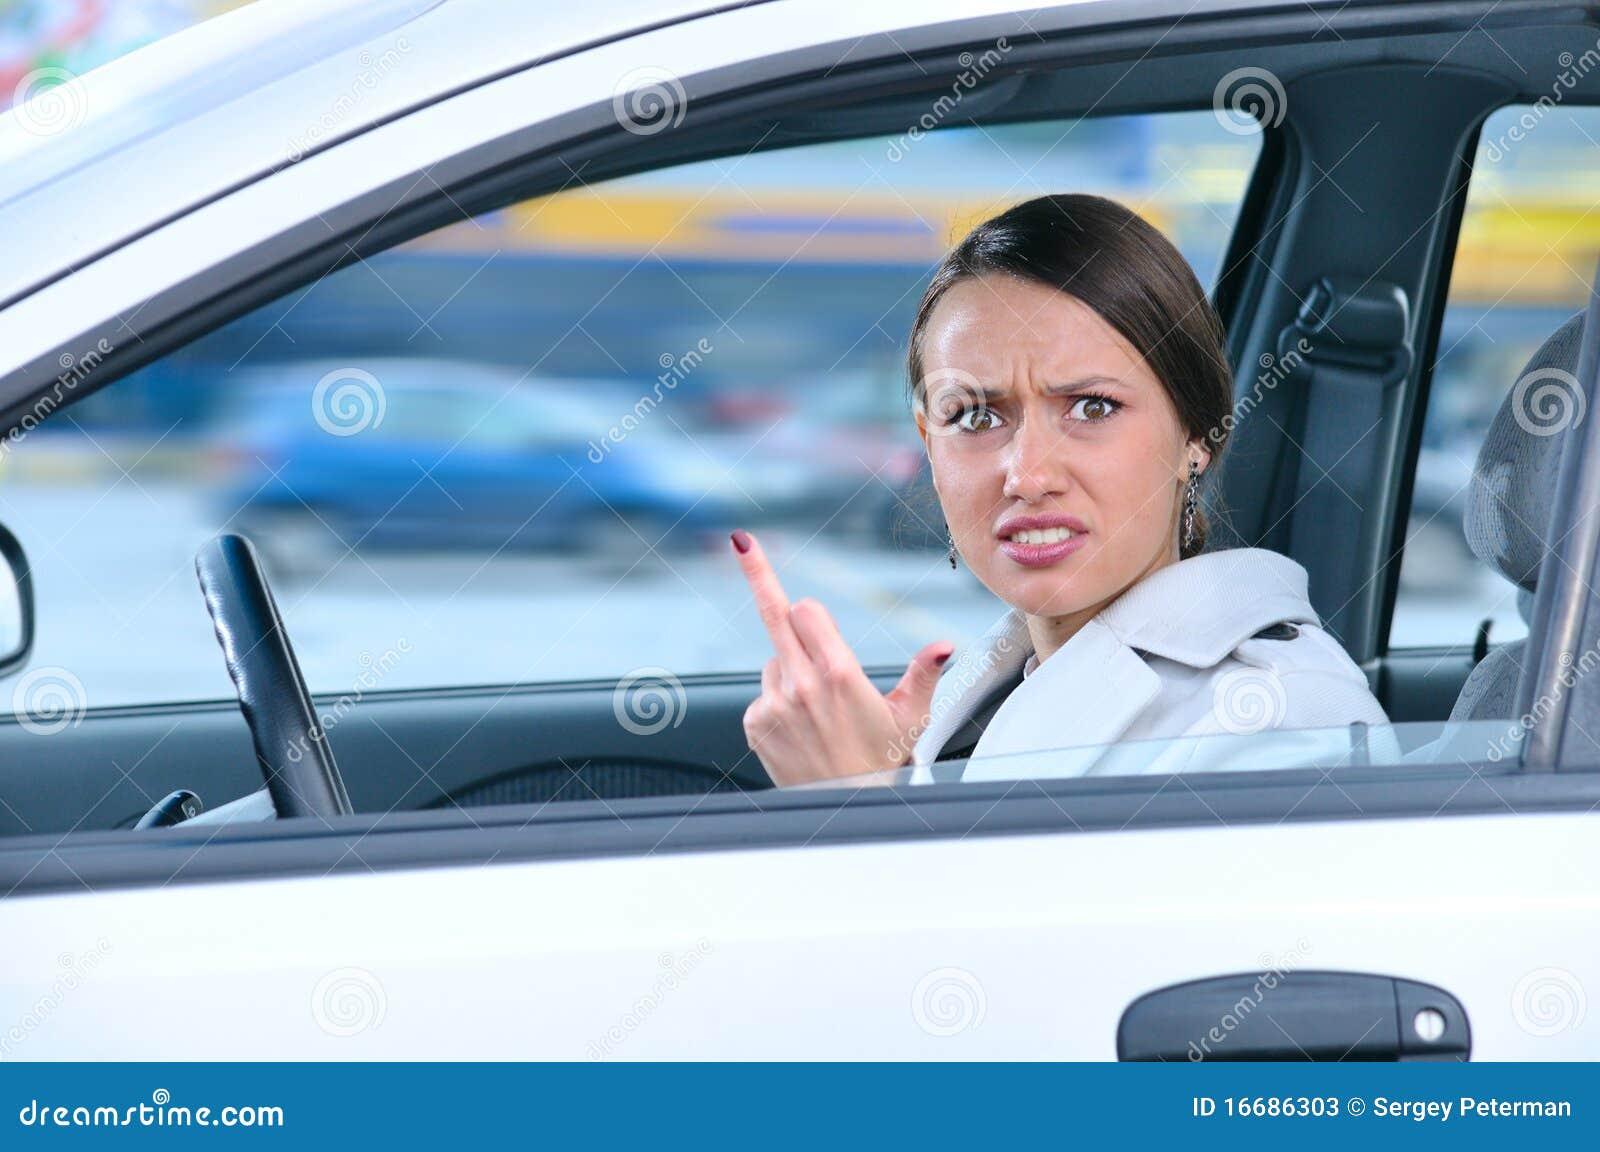 Рассказ я показал член из машины, Рассказ секса в машине- Трахнул меня прямо в машине 25 фотография